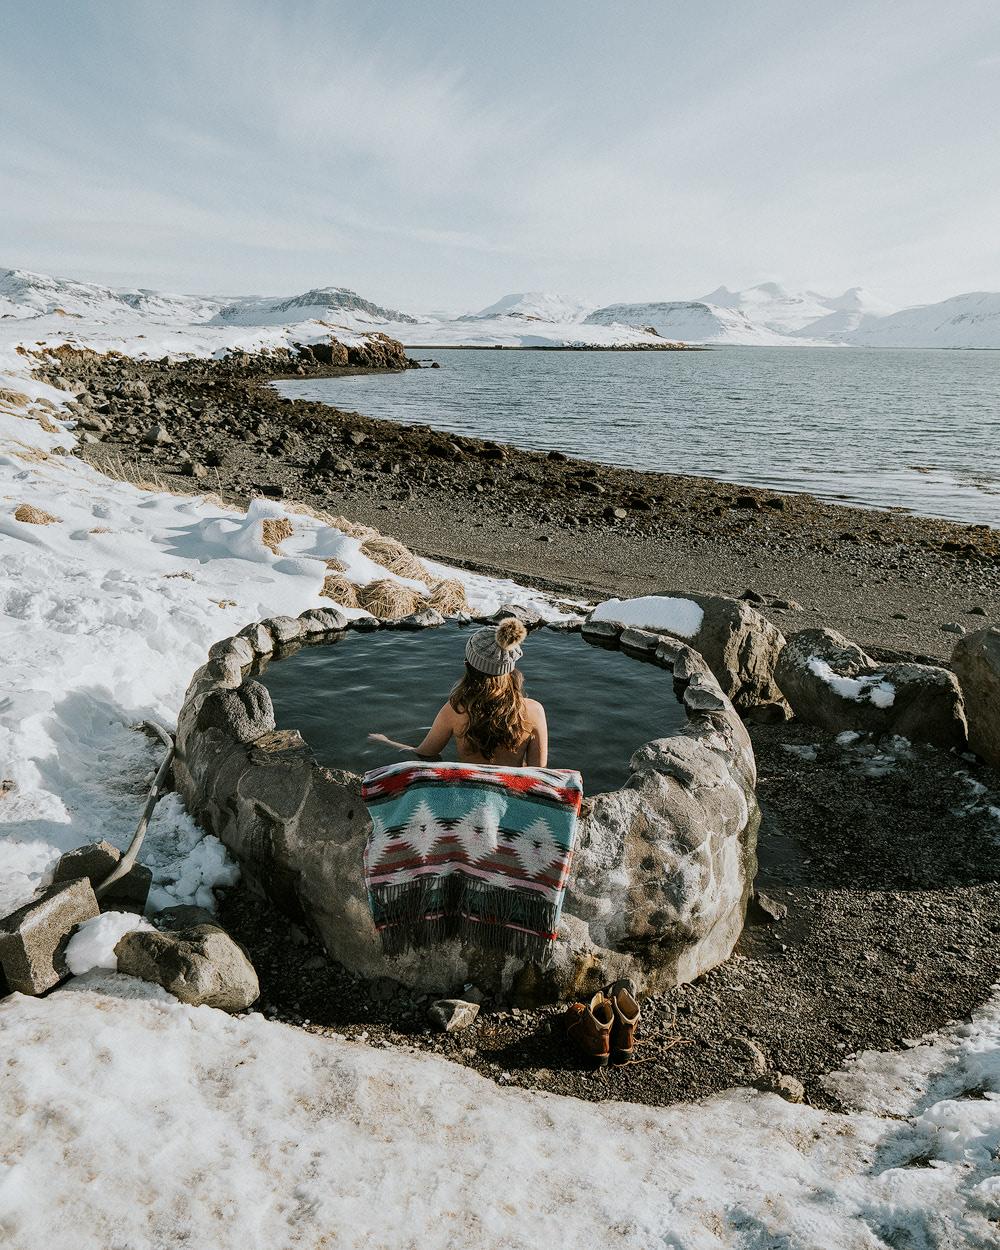 Iceland Hot Springs - Renee Roaming